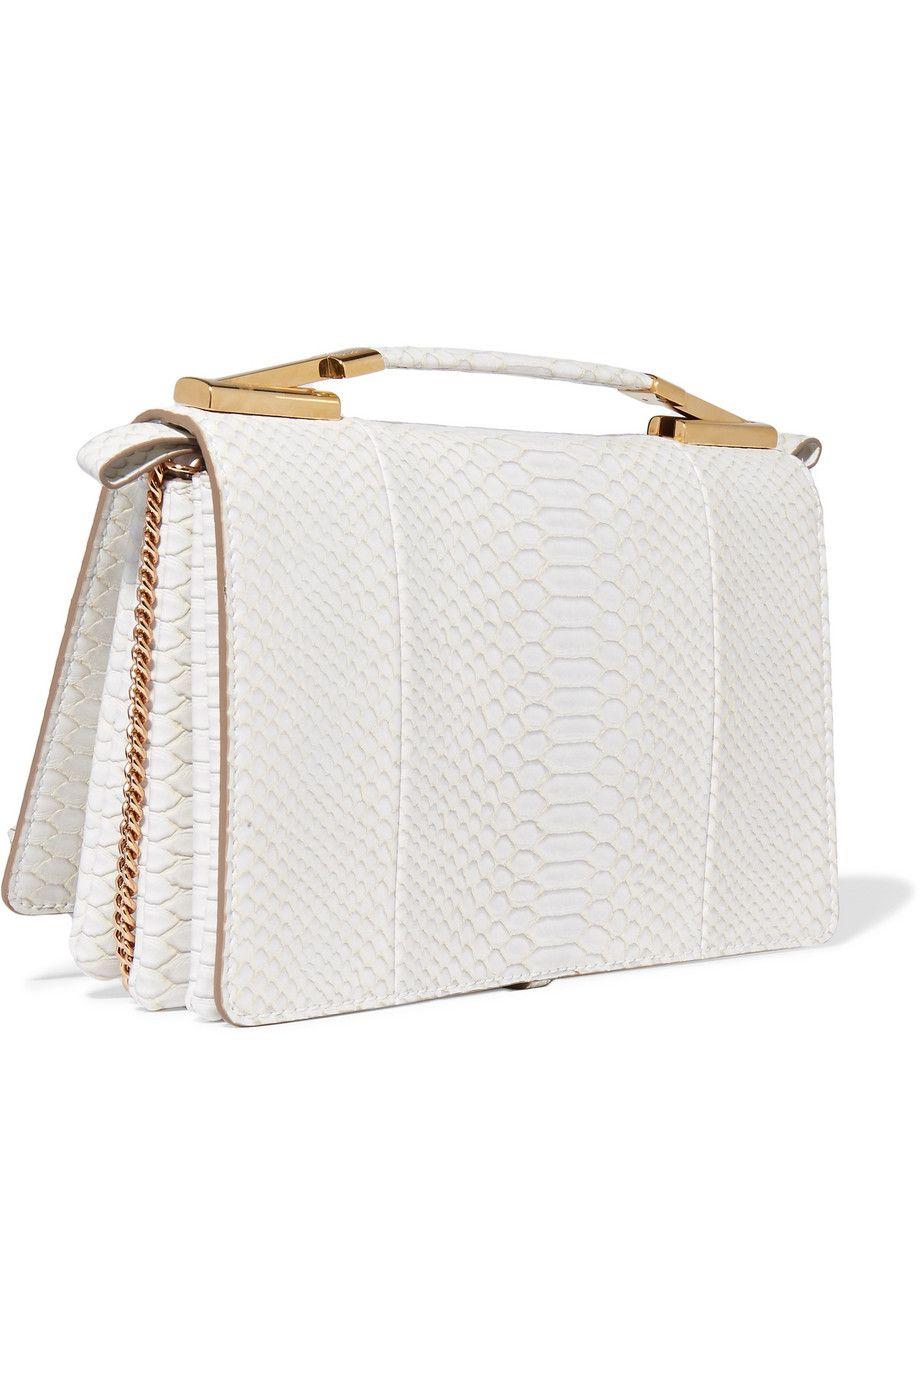 Flo Python-effect Faux Leather Shoulder Bag - Black Stella McCartney ozVem